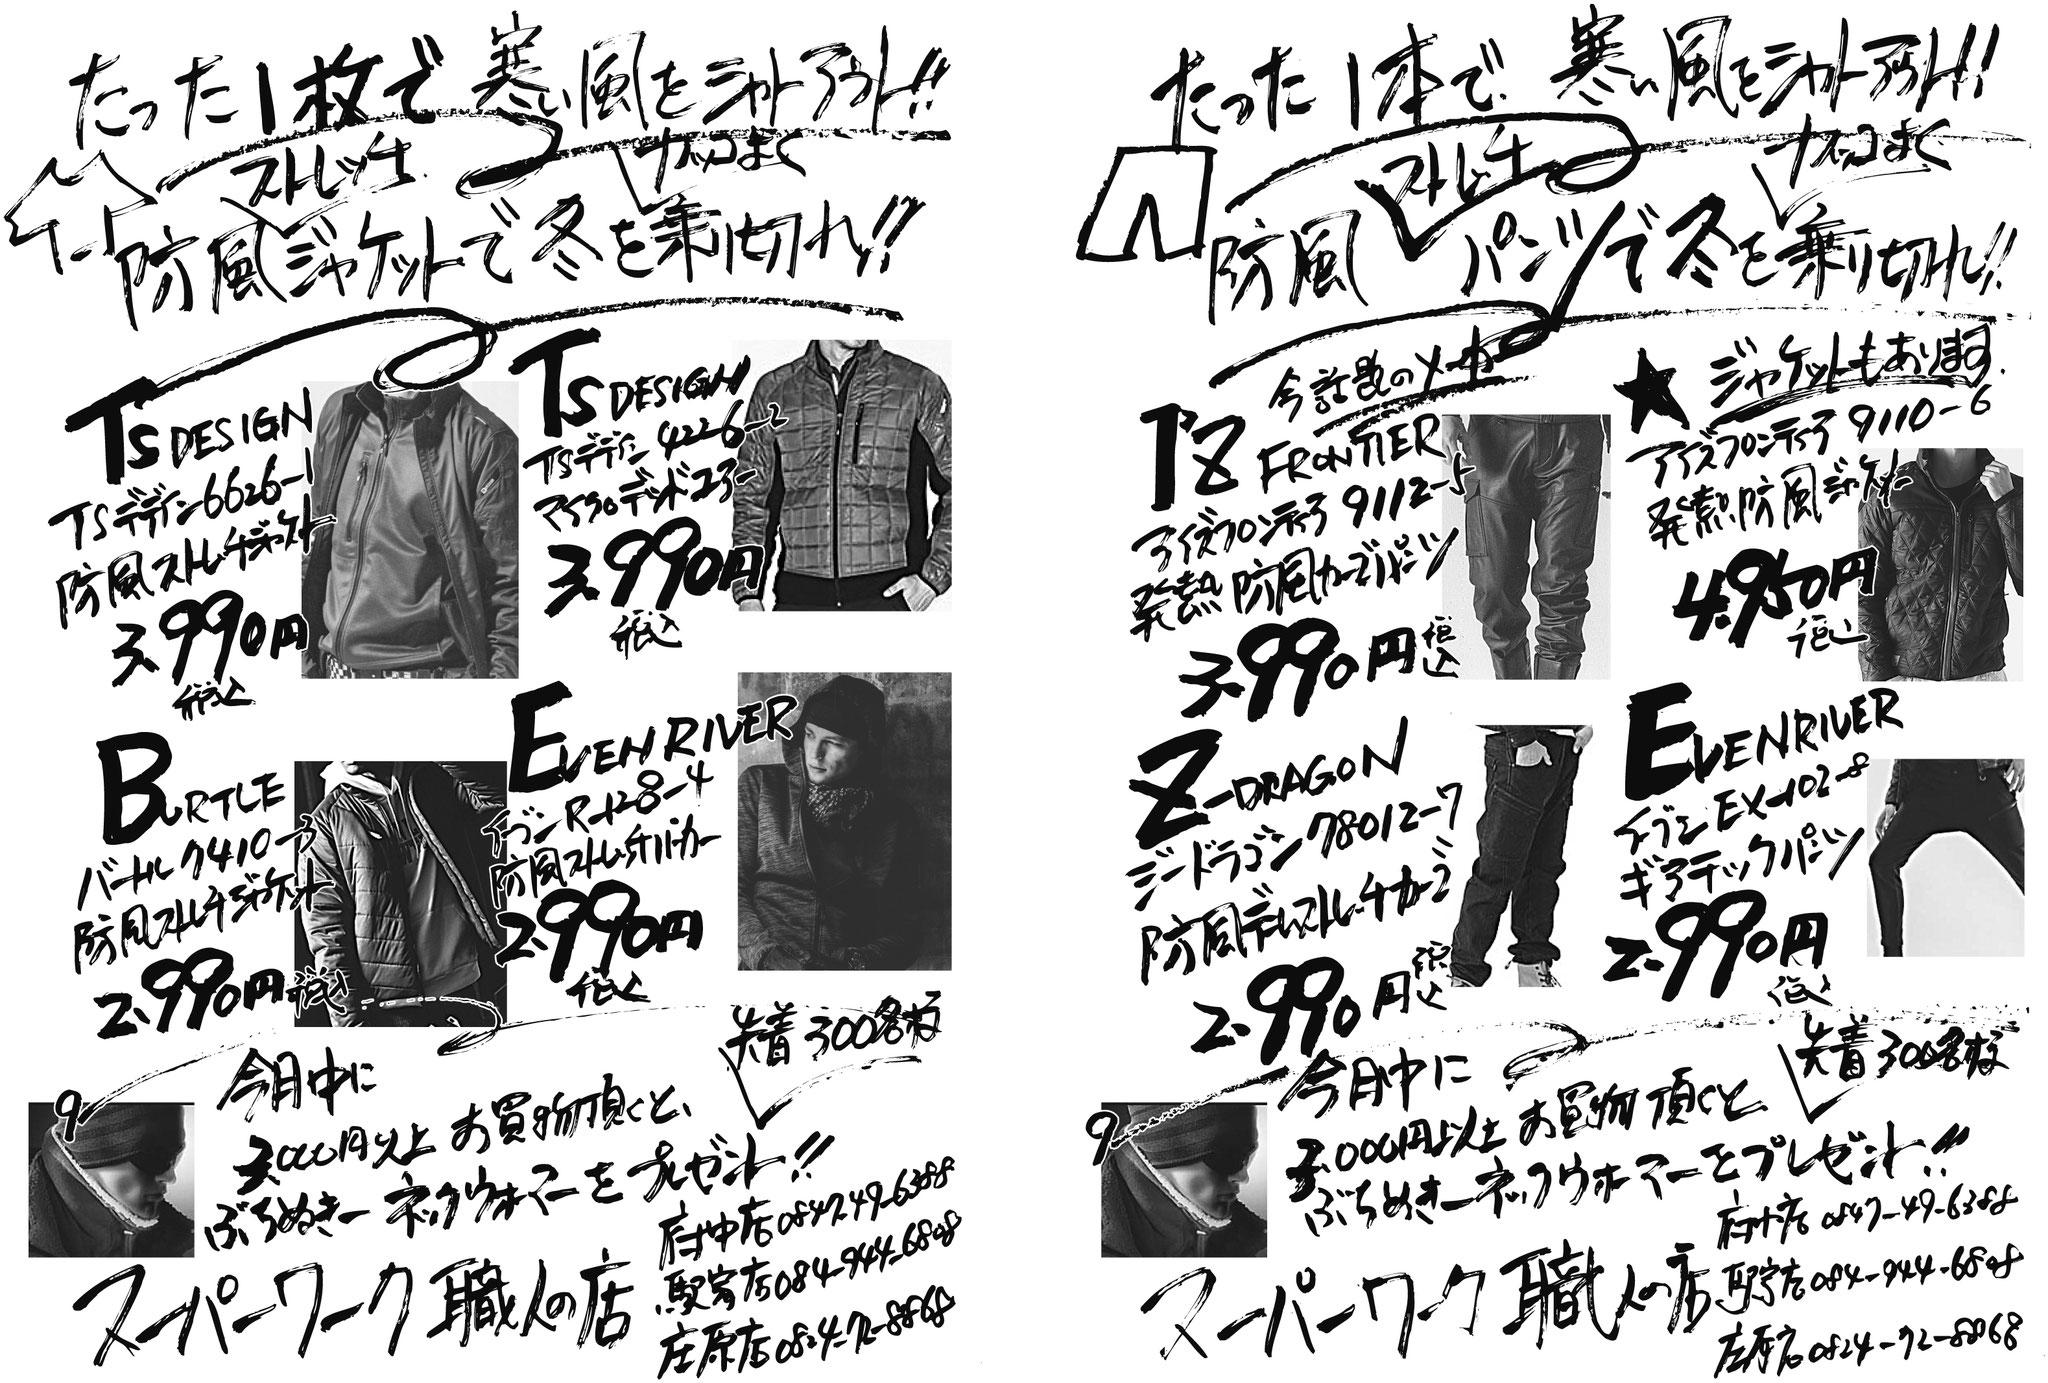 TSデザイン・バートル・イーブンなど、人気の防風ジャケット・防風パンツをがっつり品揃えしました。